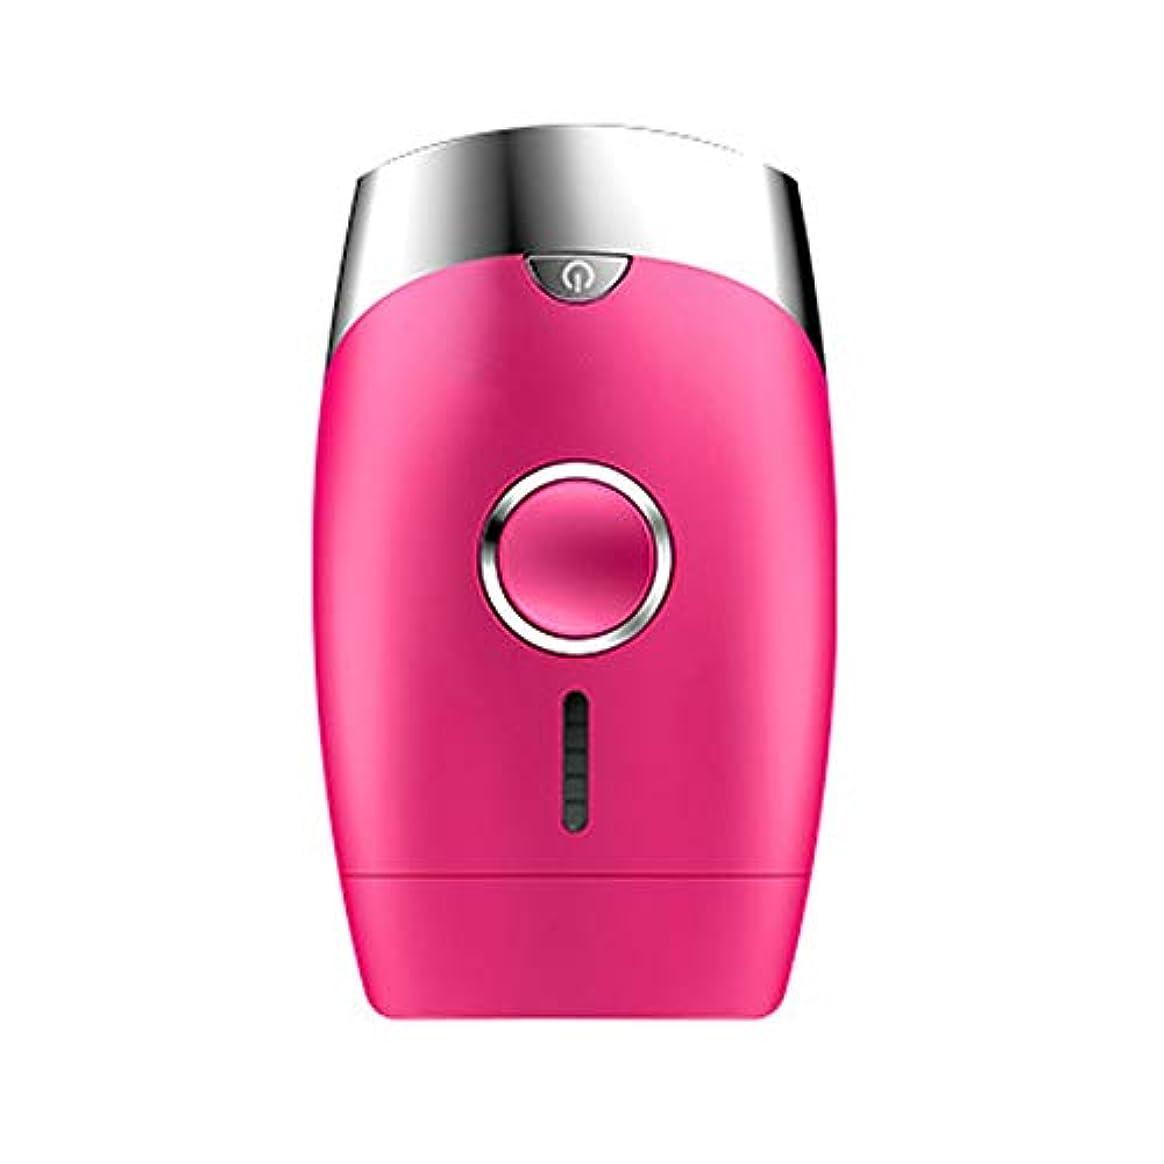 憂鬱なペニー早いNuanxin ピンク、5スピード調整、インテリジェント家庭用痛みのない凝固点ヘアリムーバー、シングルフラッシュ/連続フラッシュ、サイズ13.9 X 8.3 X 4.8 Cm F30 (Color : Pink)